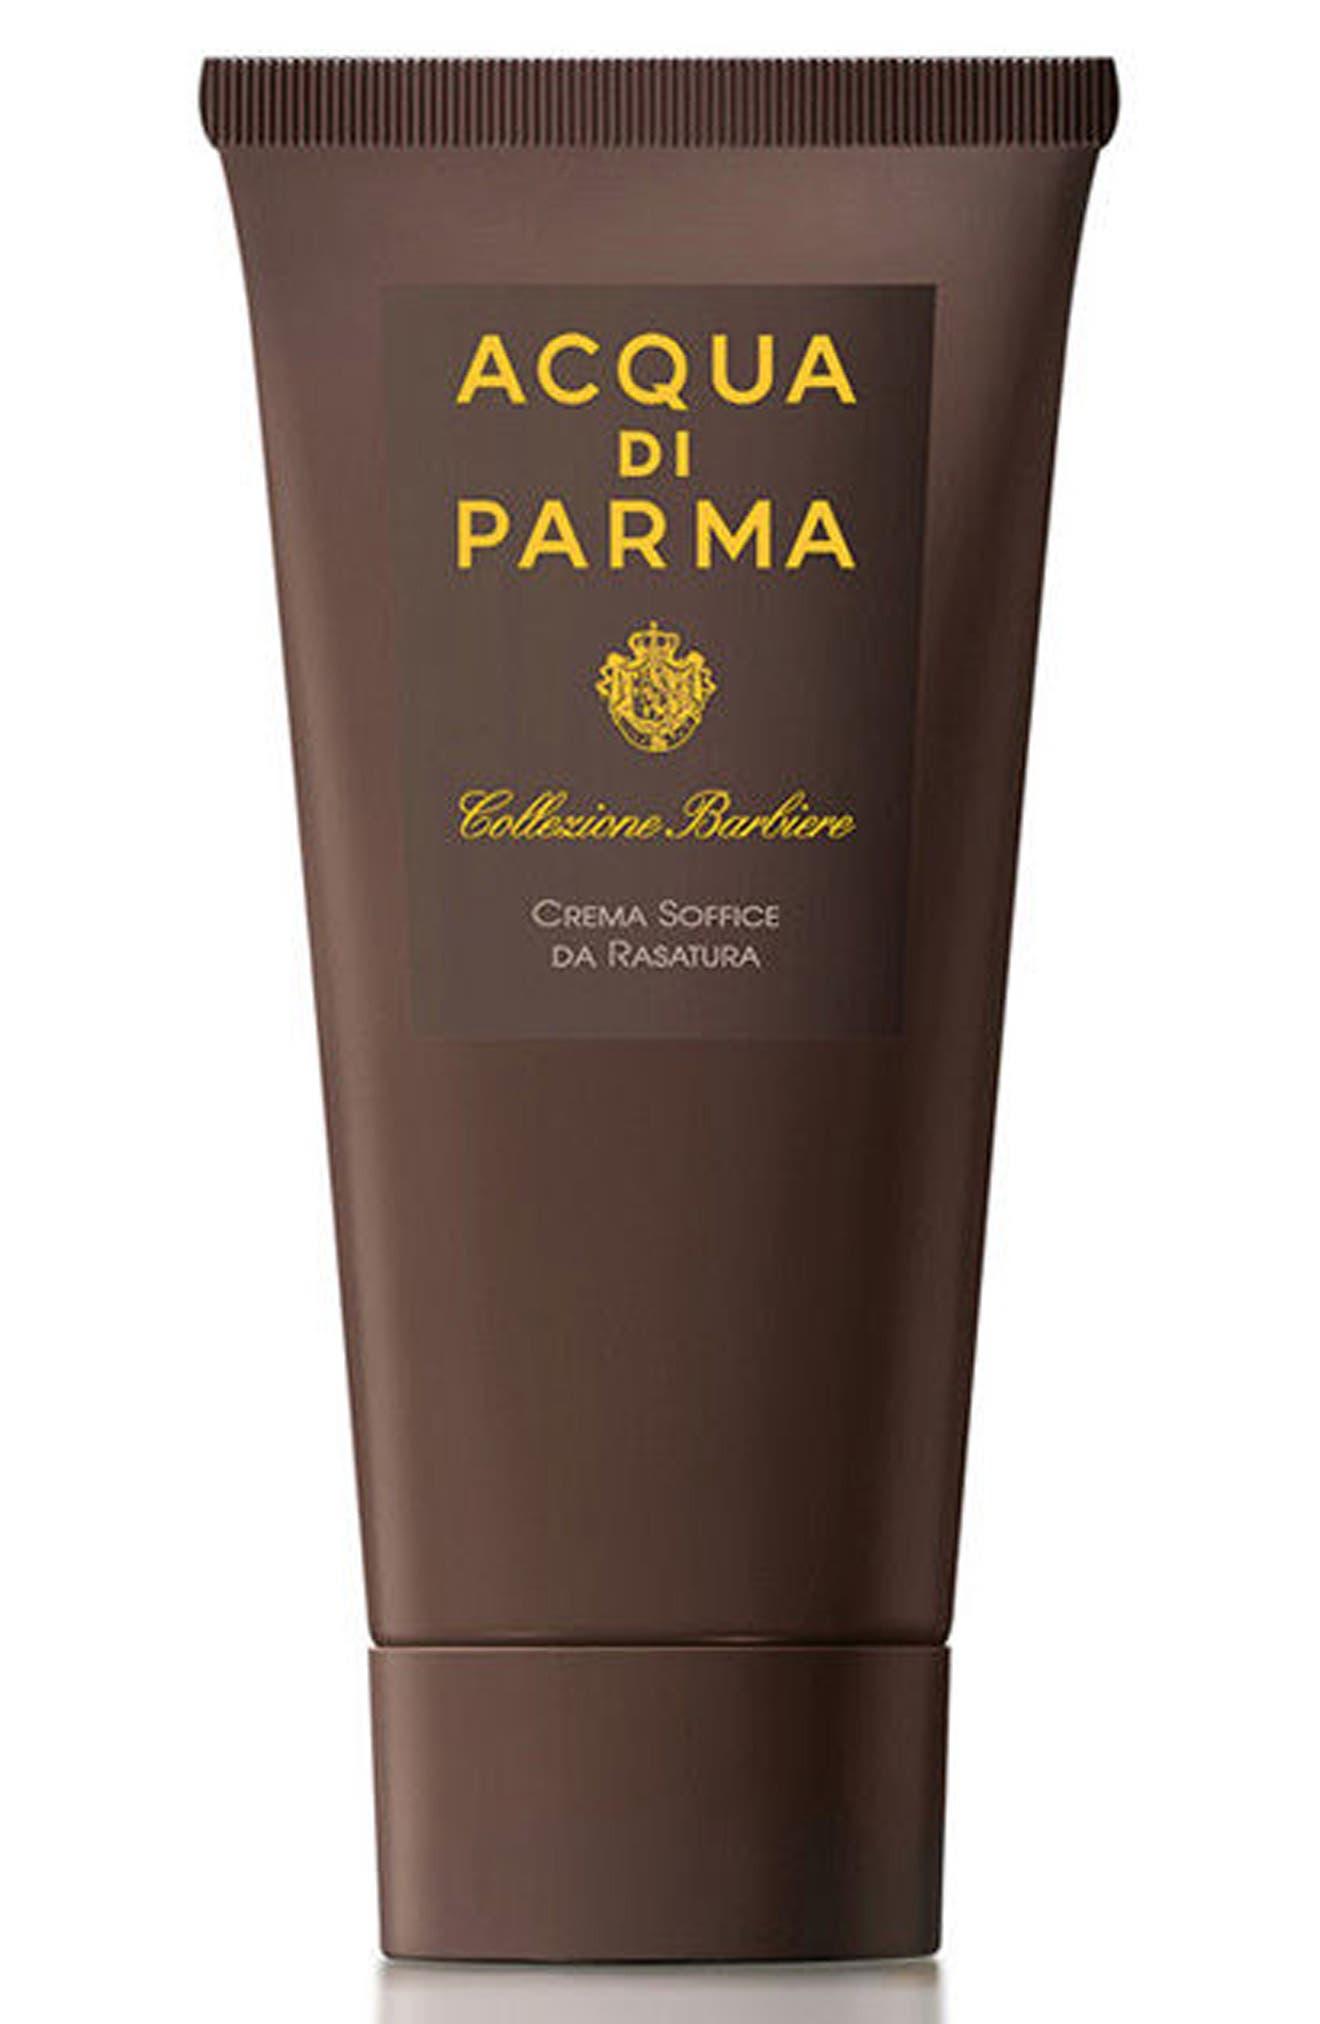 Acqua di Parma 'Collezione Barbiere' Shave Cream